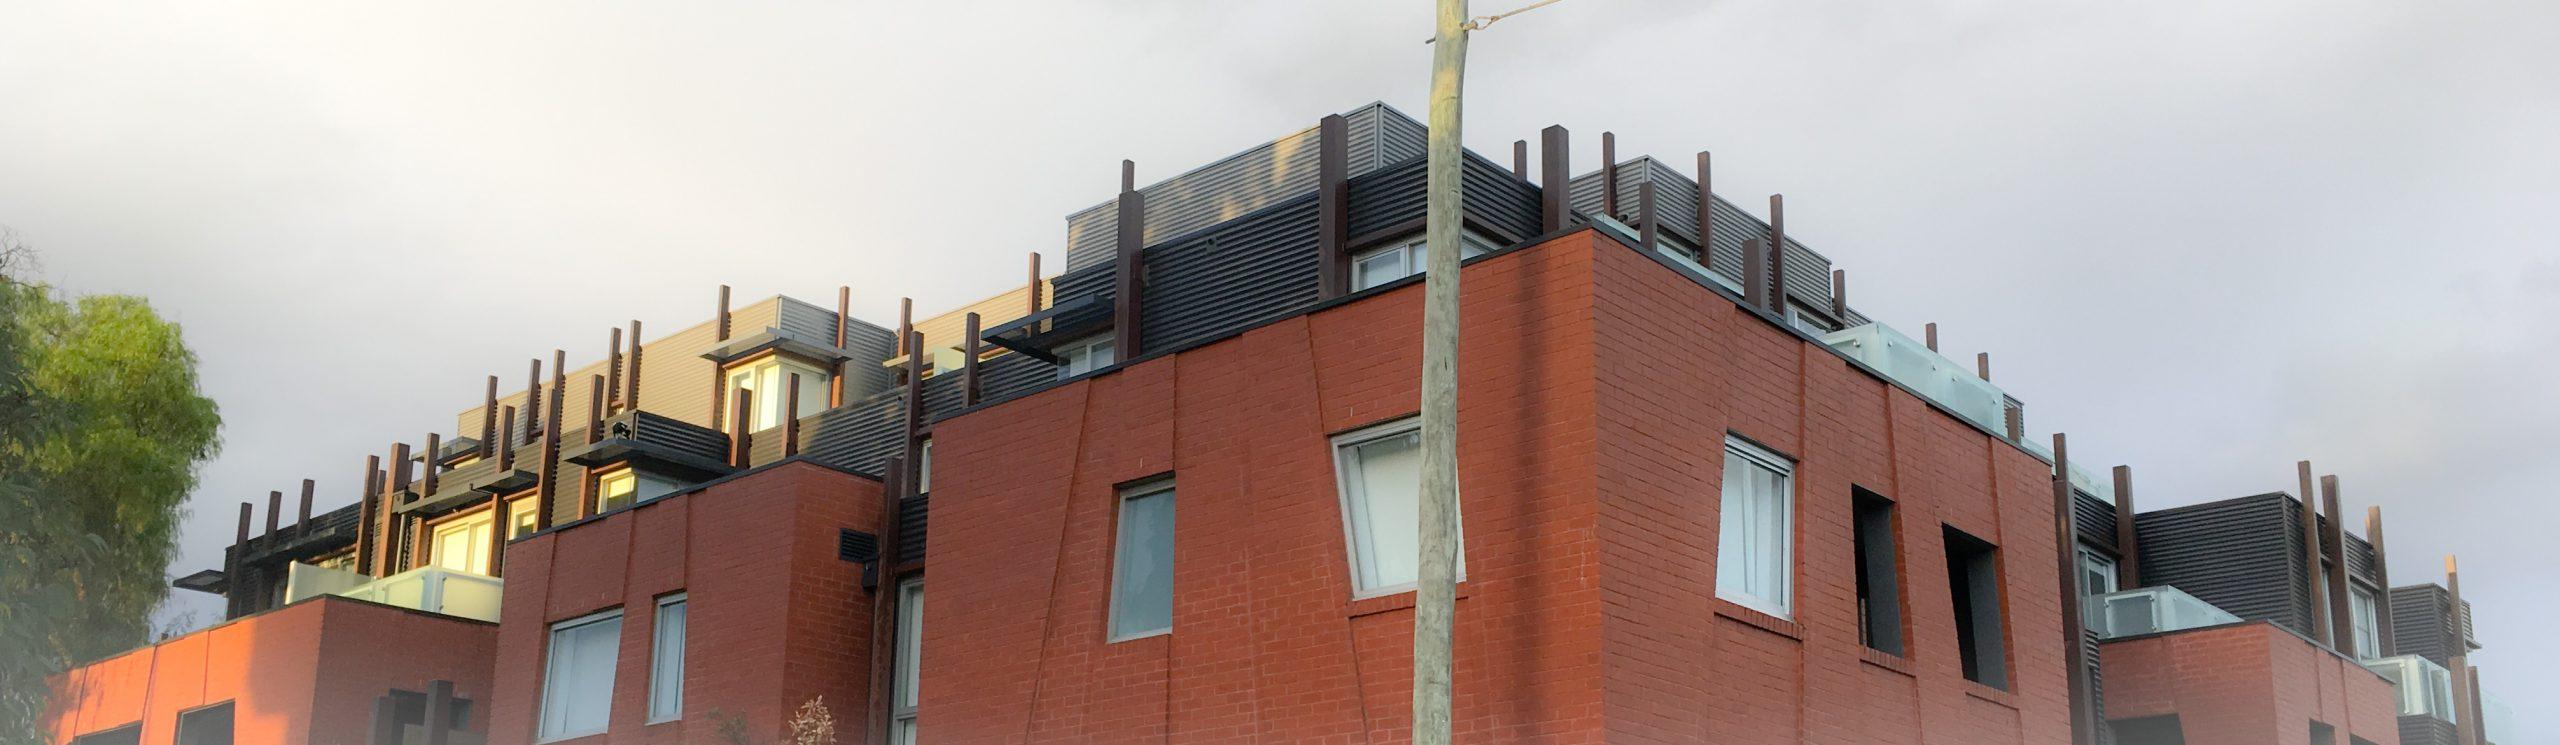 Peter F. - James Street, Windsor, Victoria, 3181